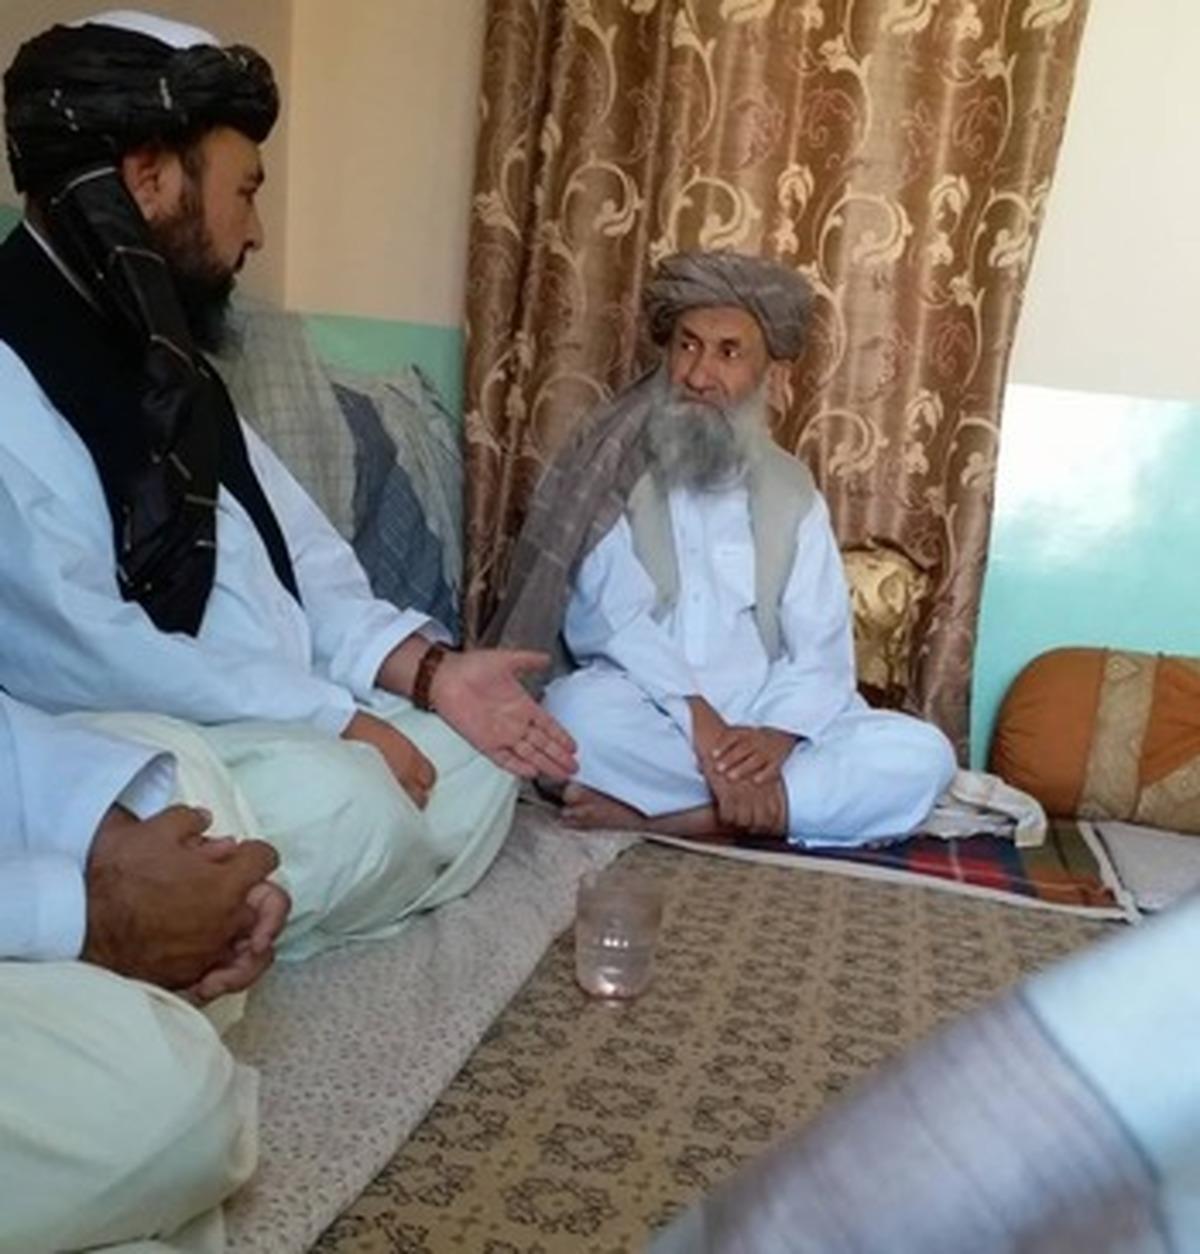 ملا حسن آخوند، نخست وزیر طالبان (عکس)